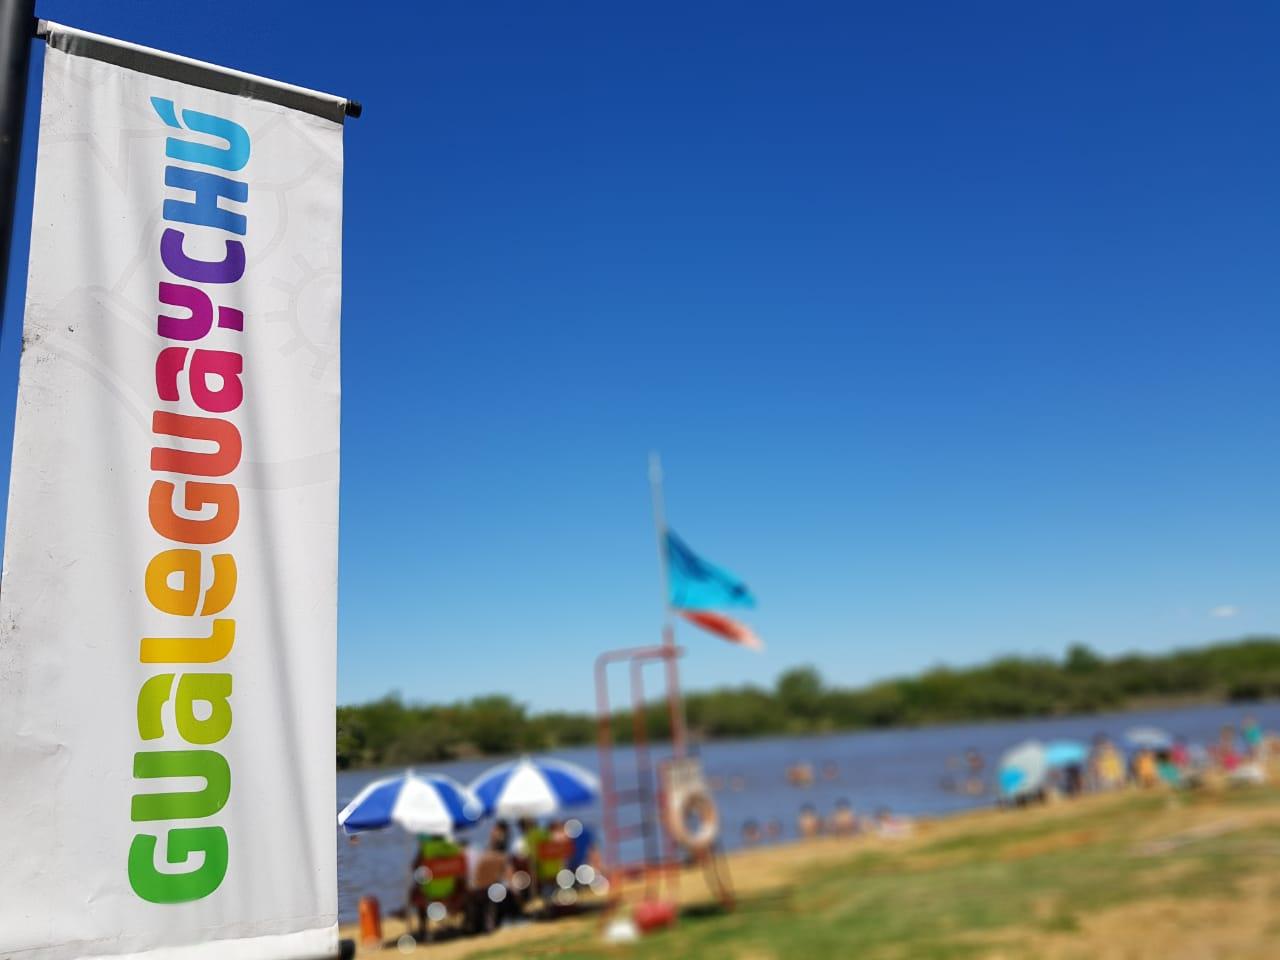 Fin de semana de sol y calor en Gualeguaychú